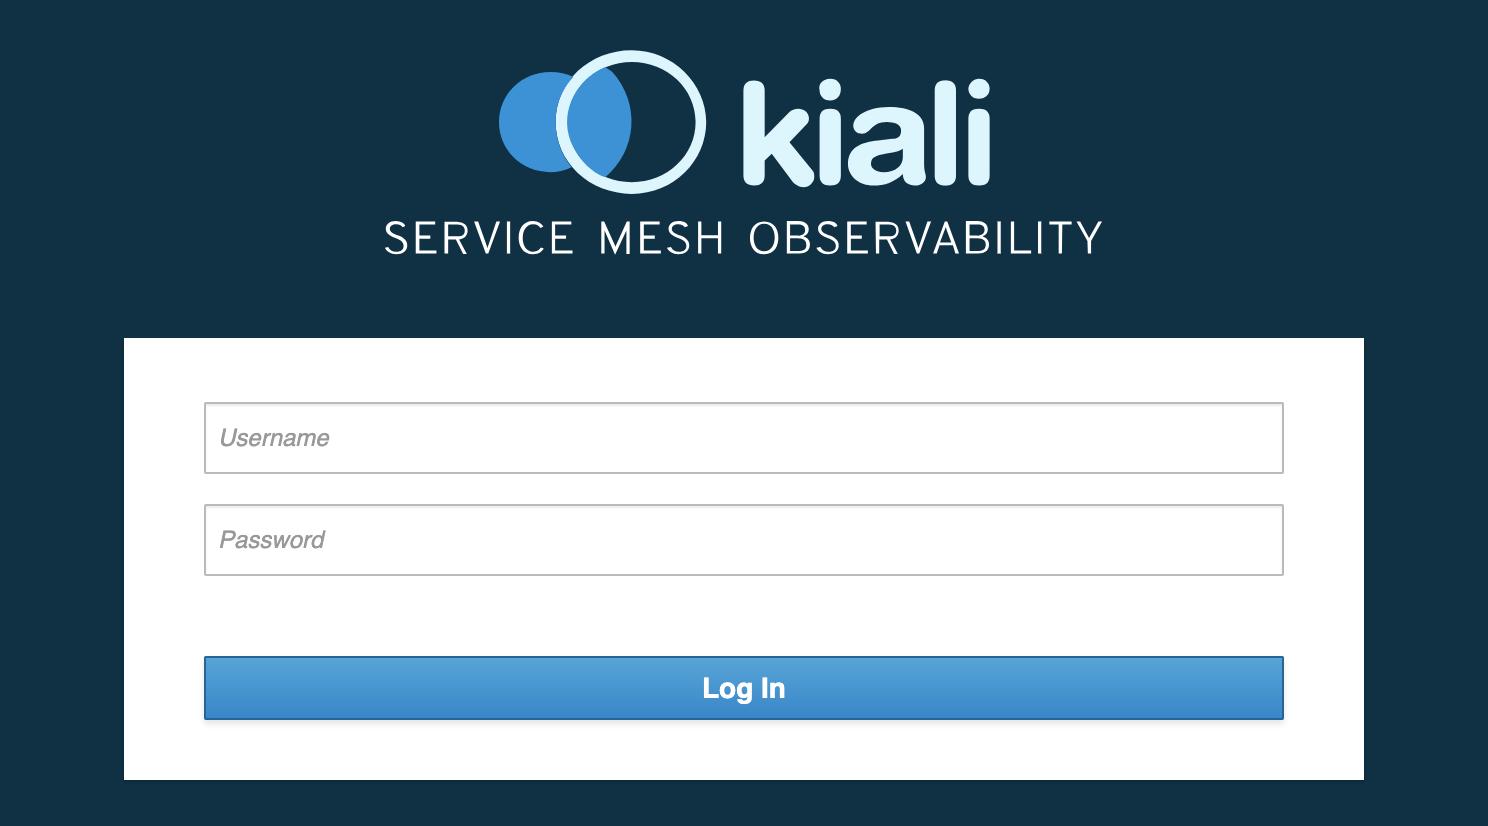 Kiali login screen